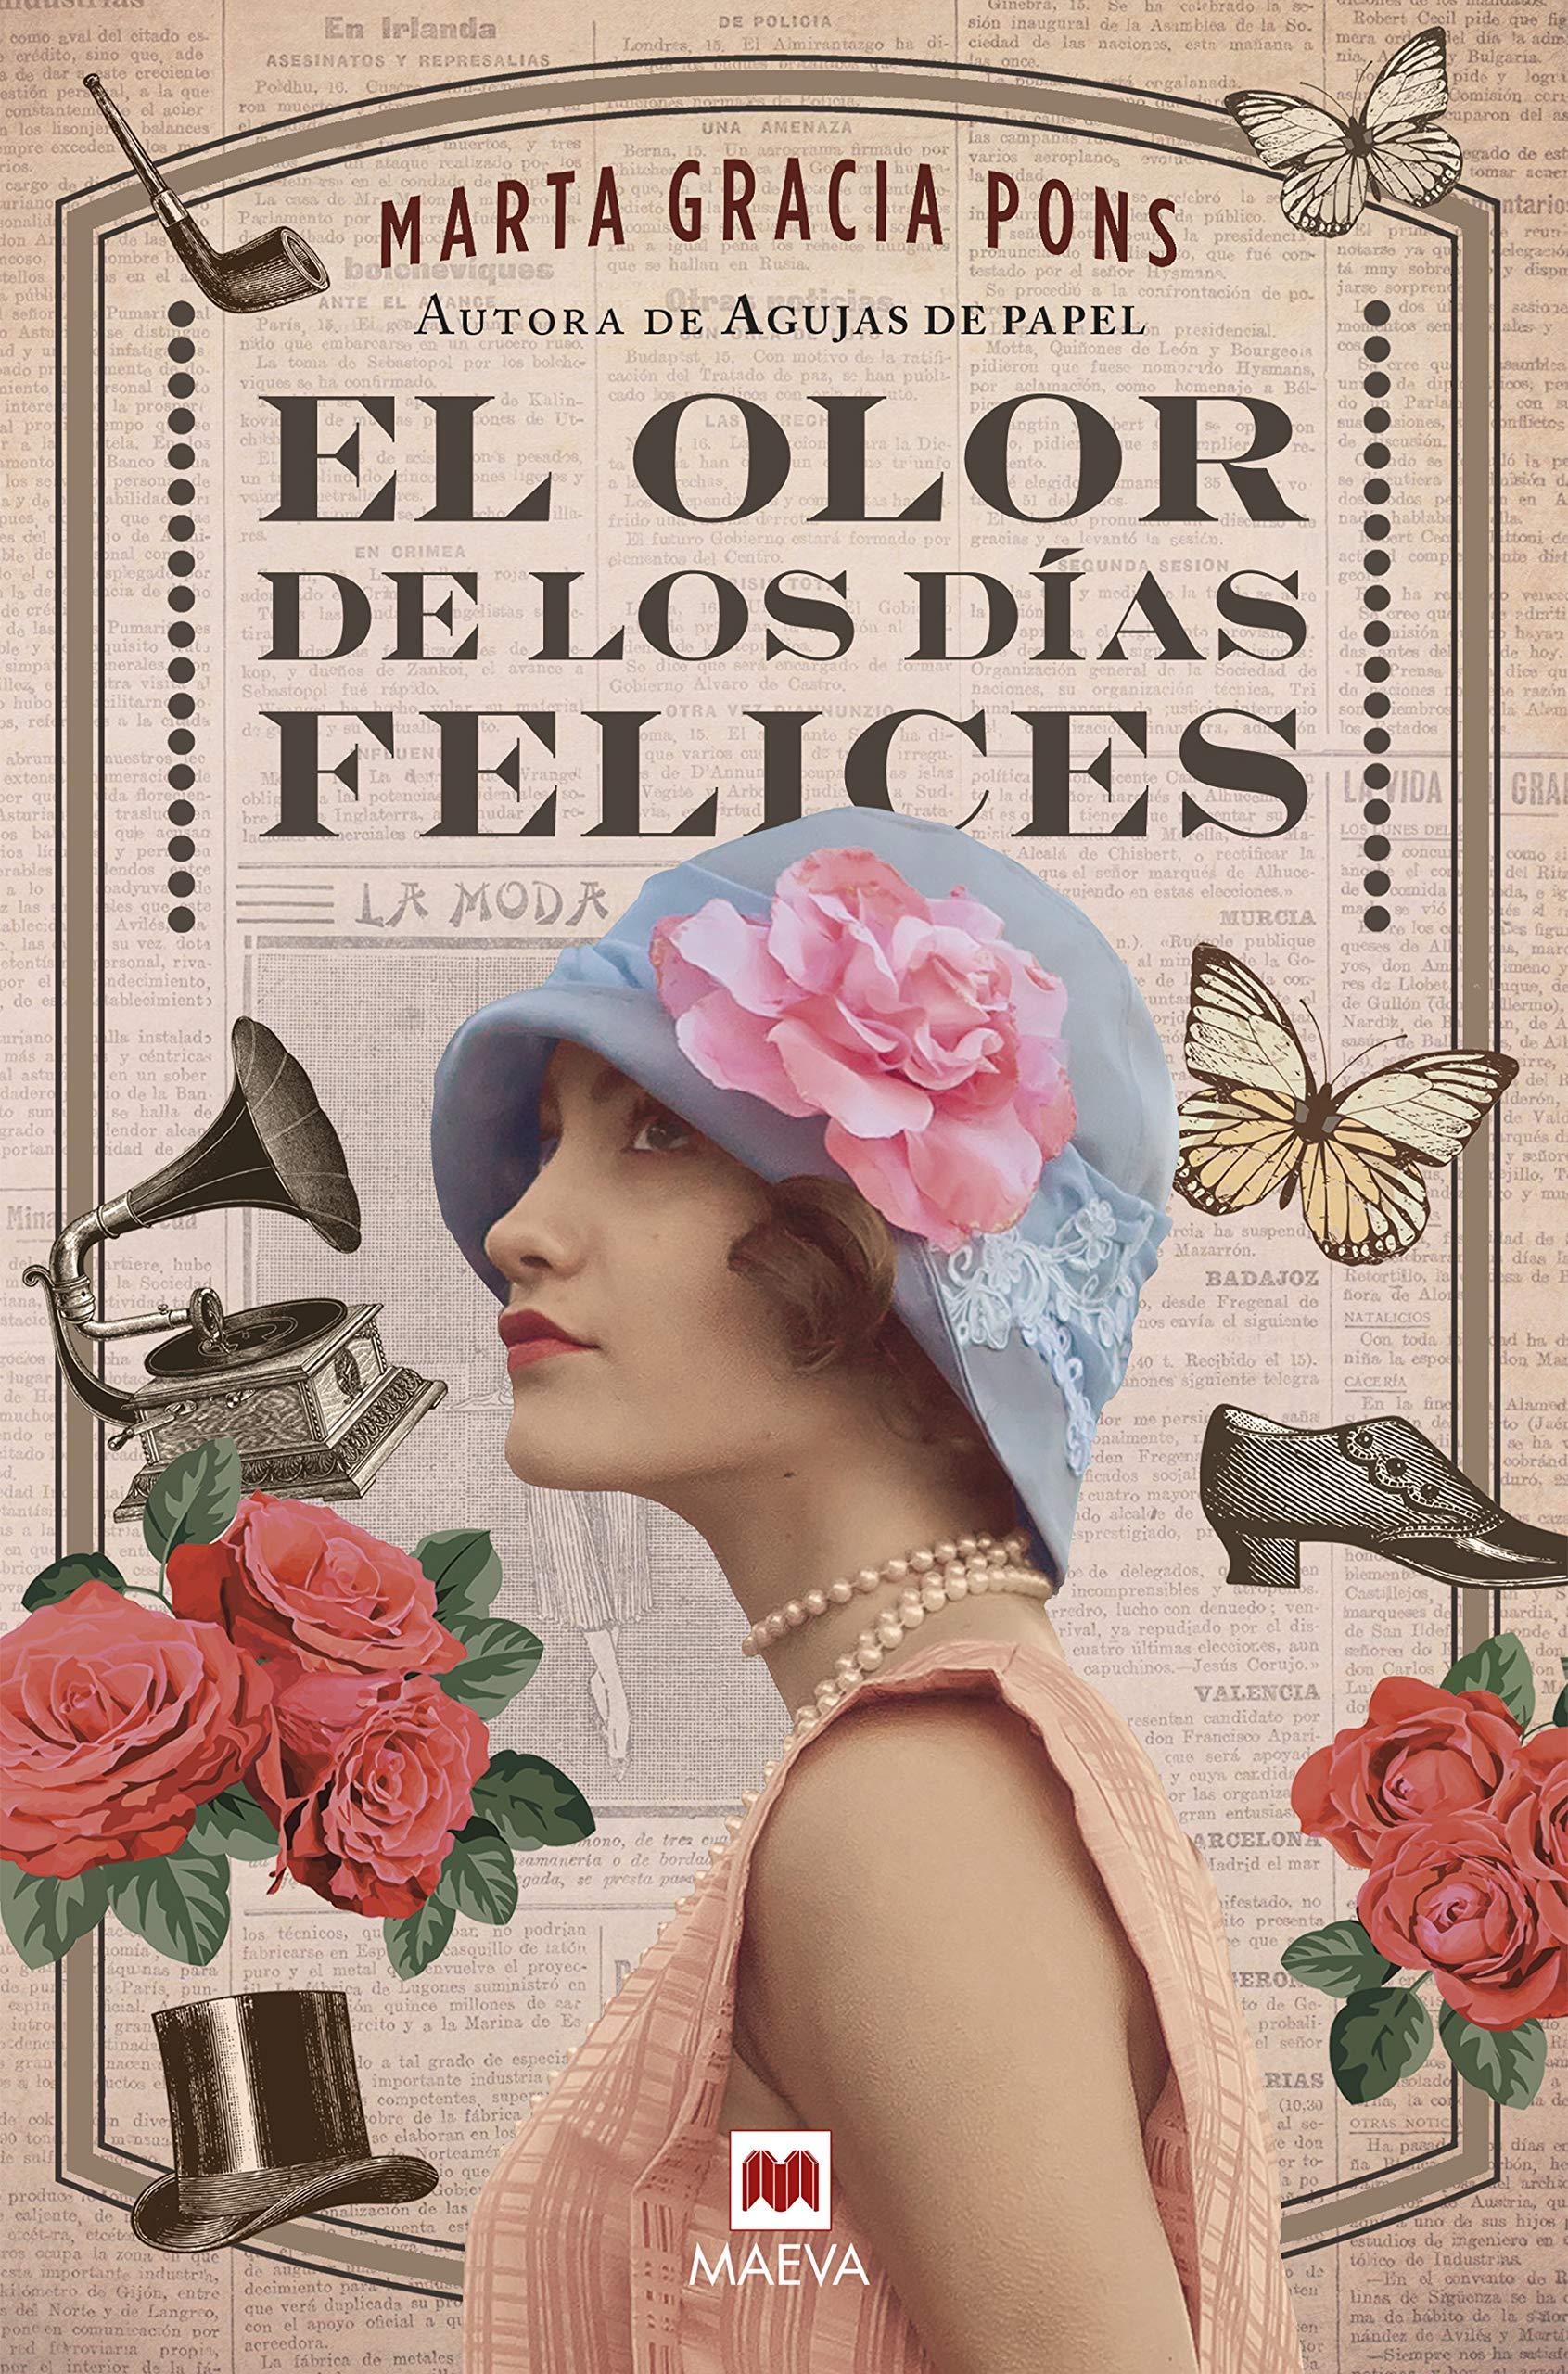 El olor de los días felices (Grandes Novelas): Amazon.es: Gracia Pons, Marta: Libros